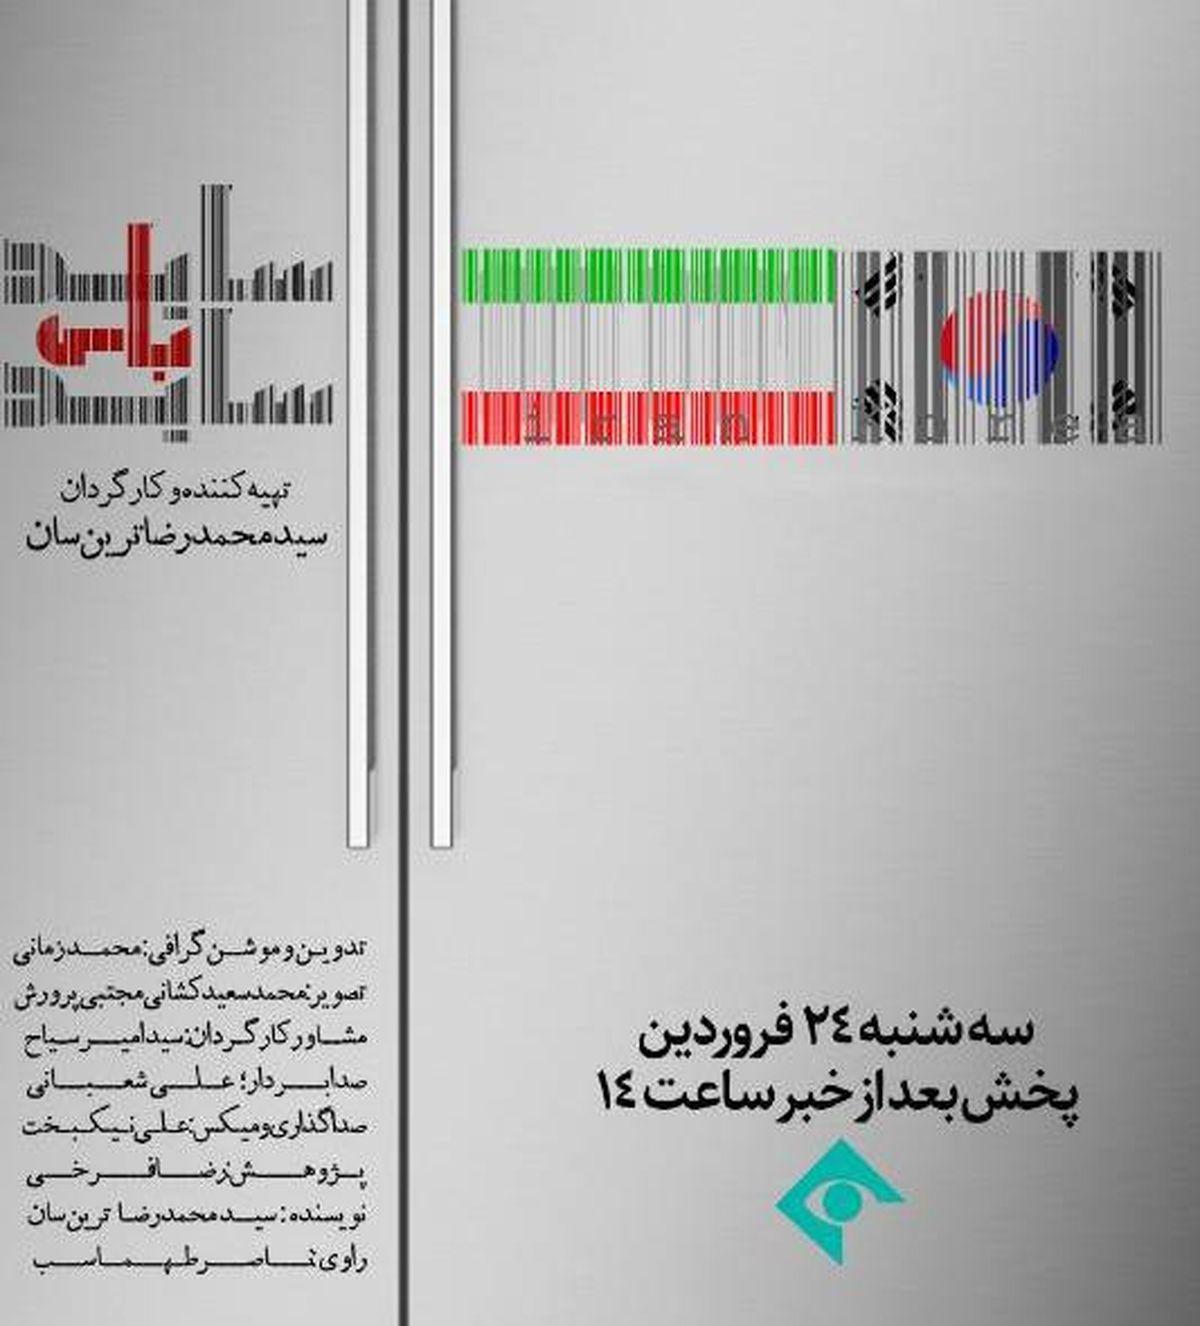 مستند «ساید بای ساید» به روی آنتن میرود/ روایتی ناگفته از حضور برندهای خارجی در صنعت لوازم خانگی ایران